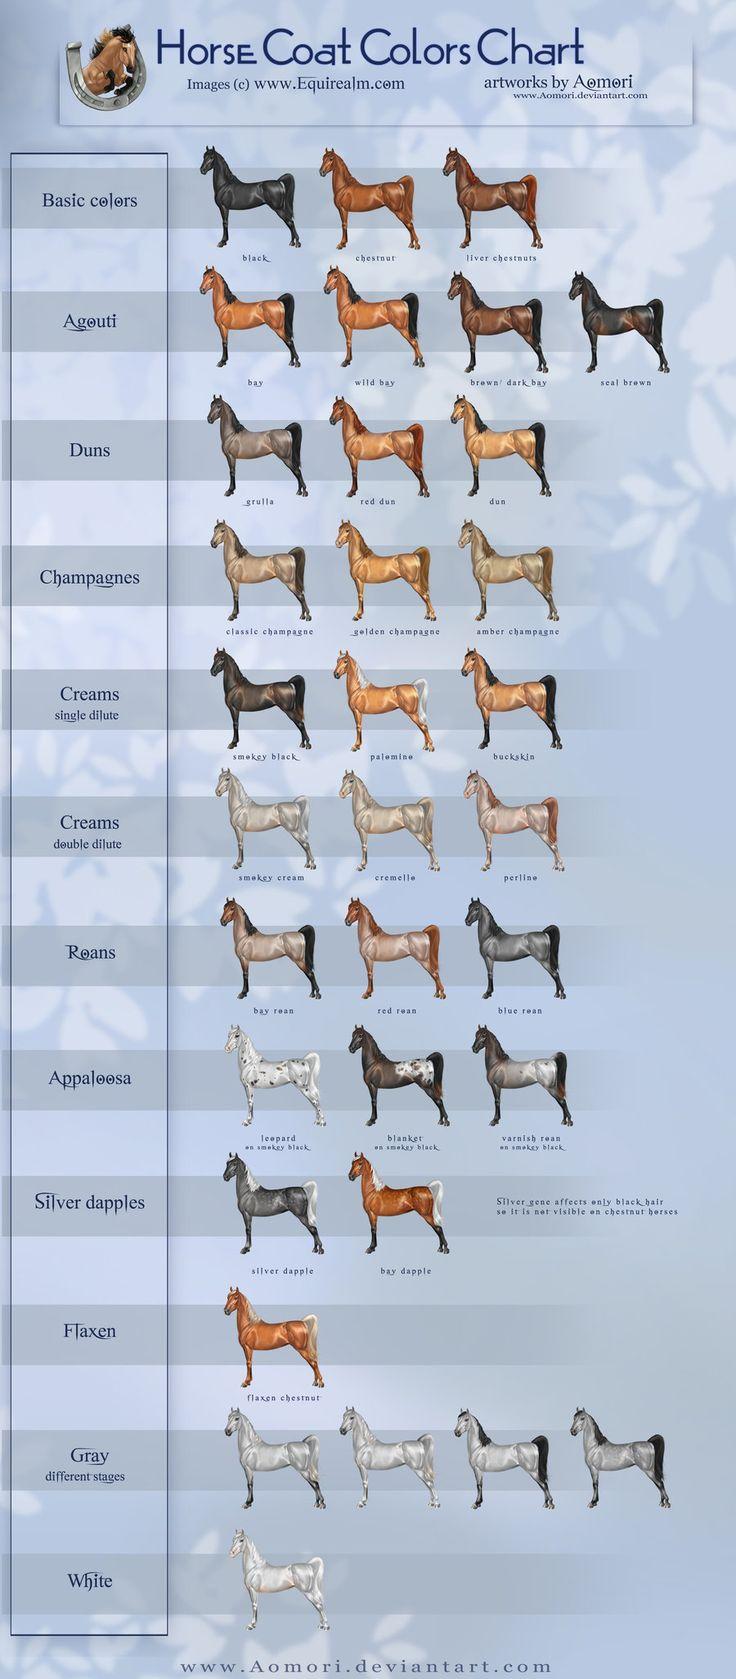 Equine Coat Color | Horse coat colors chart by Aomori on deviantART